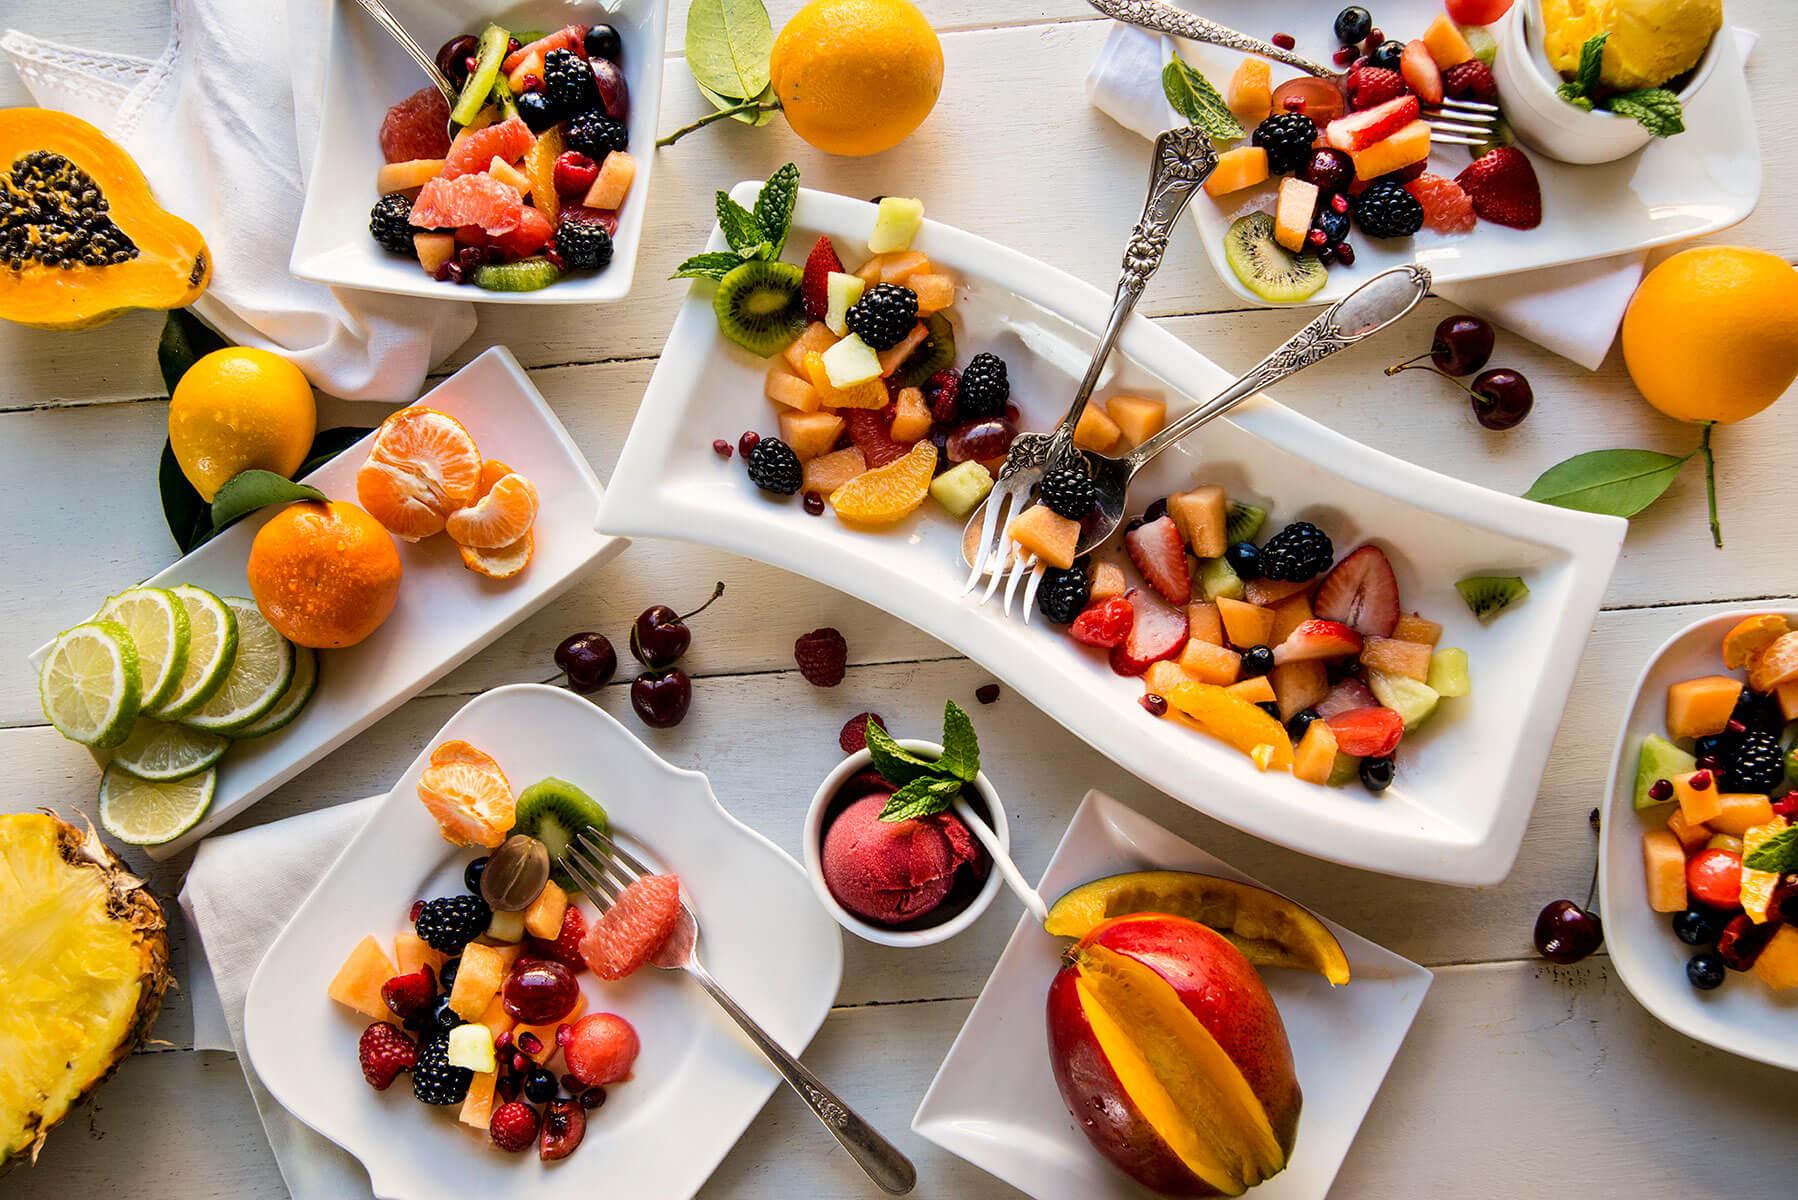 ăn trái cây, rau củ quả, uống nước giúp giảm nhiệt cơ thể và trị mụn hiệu quả